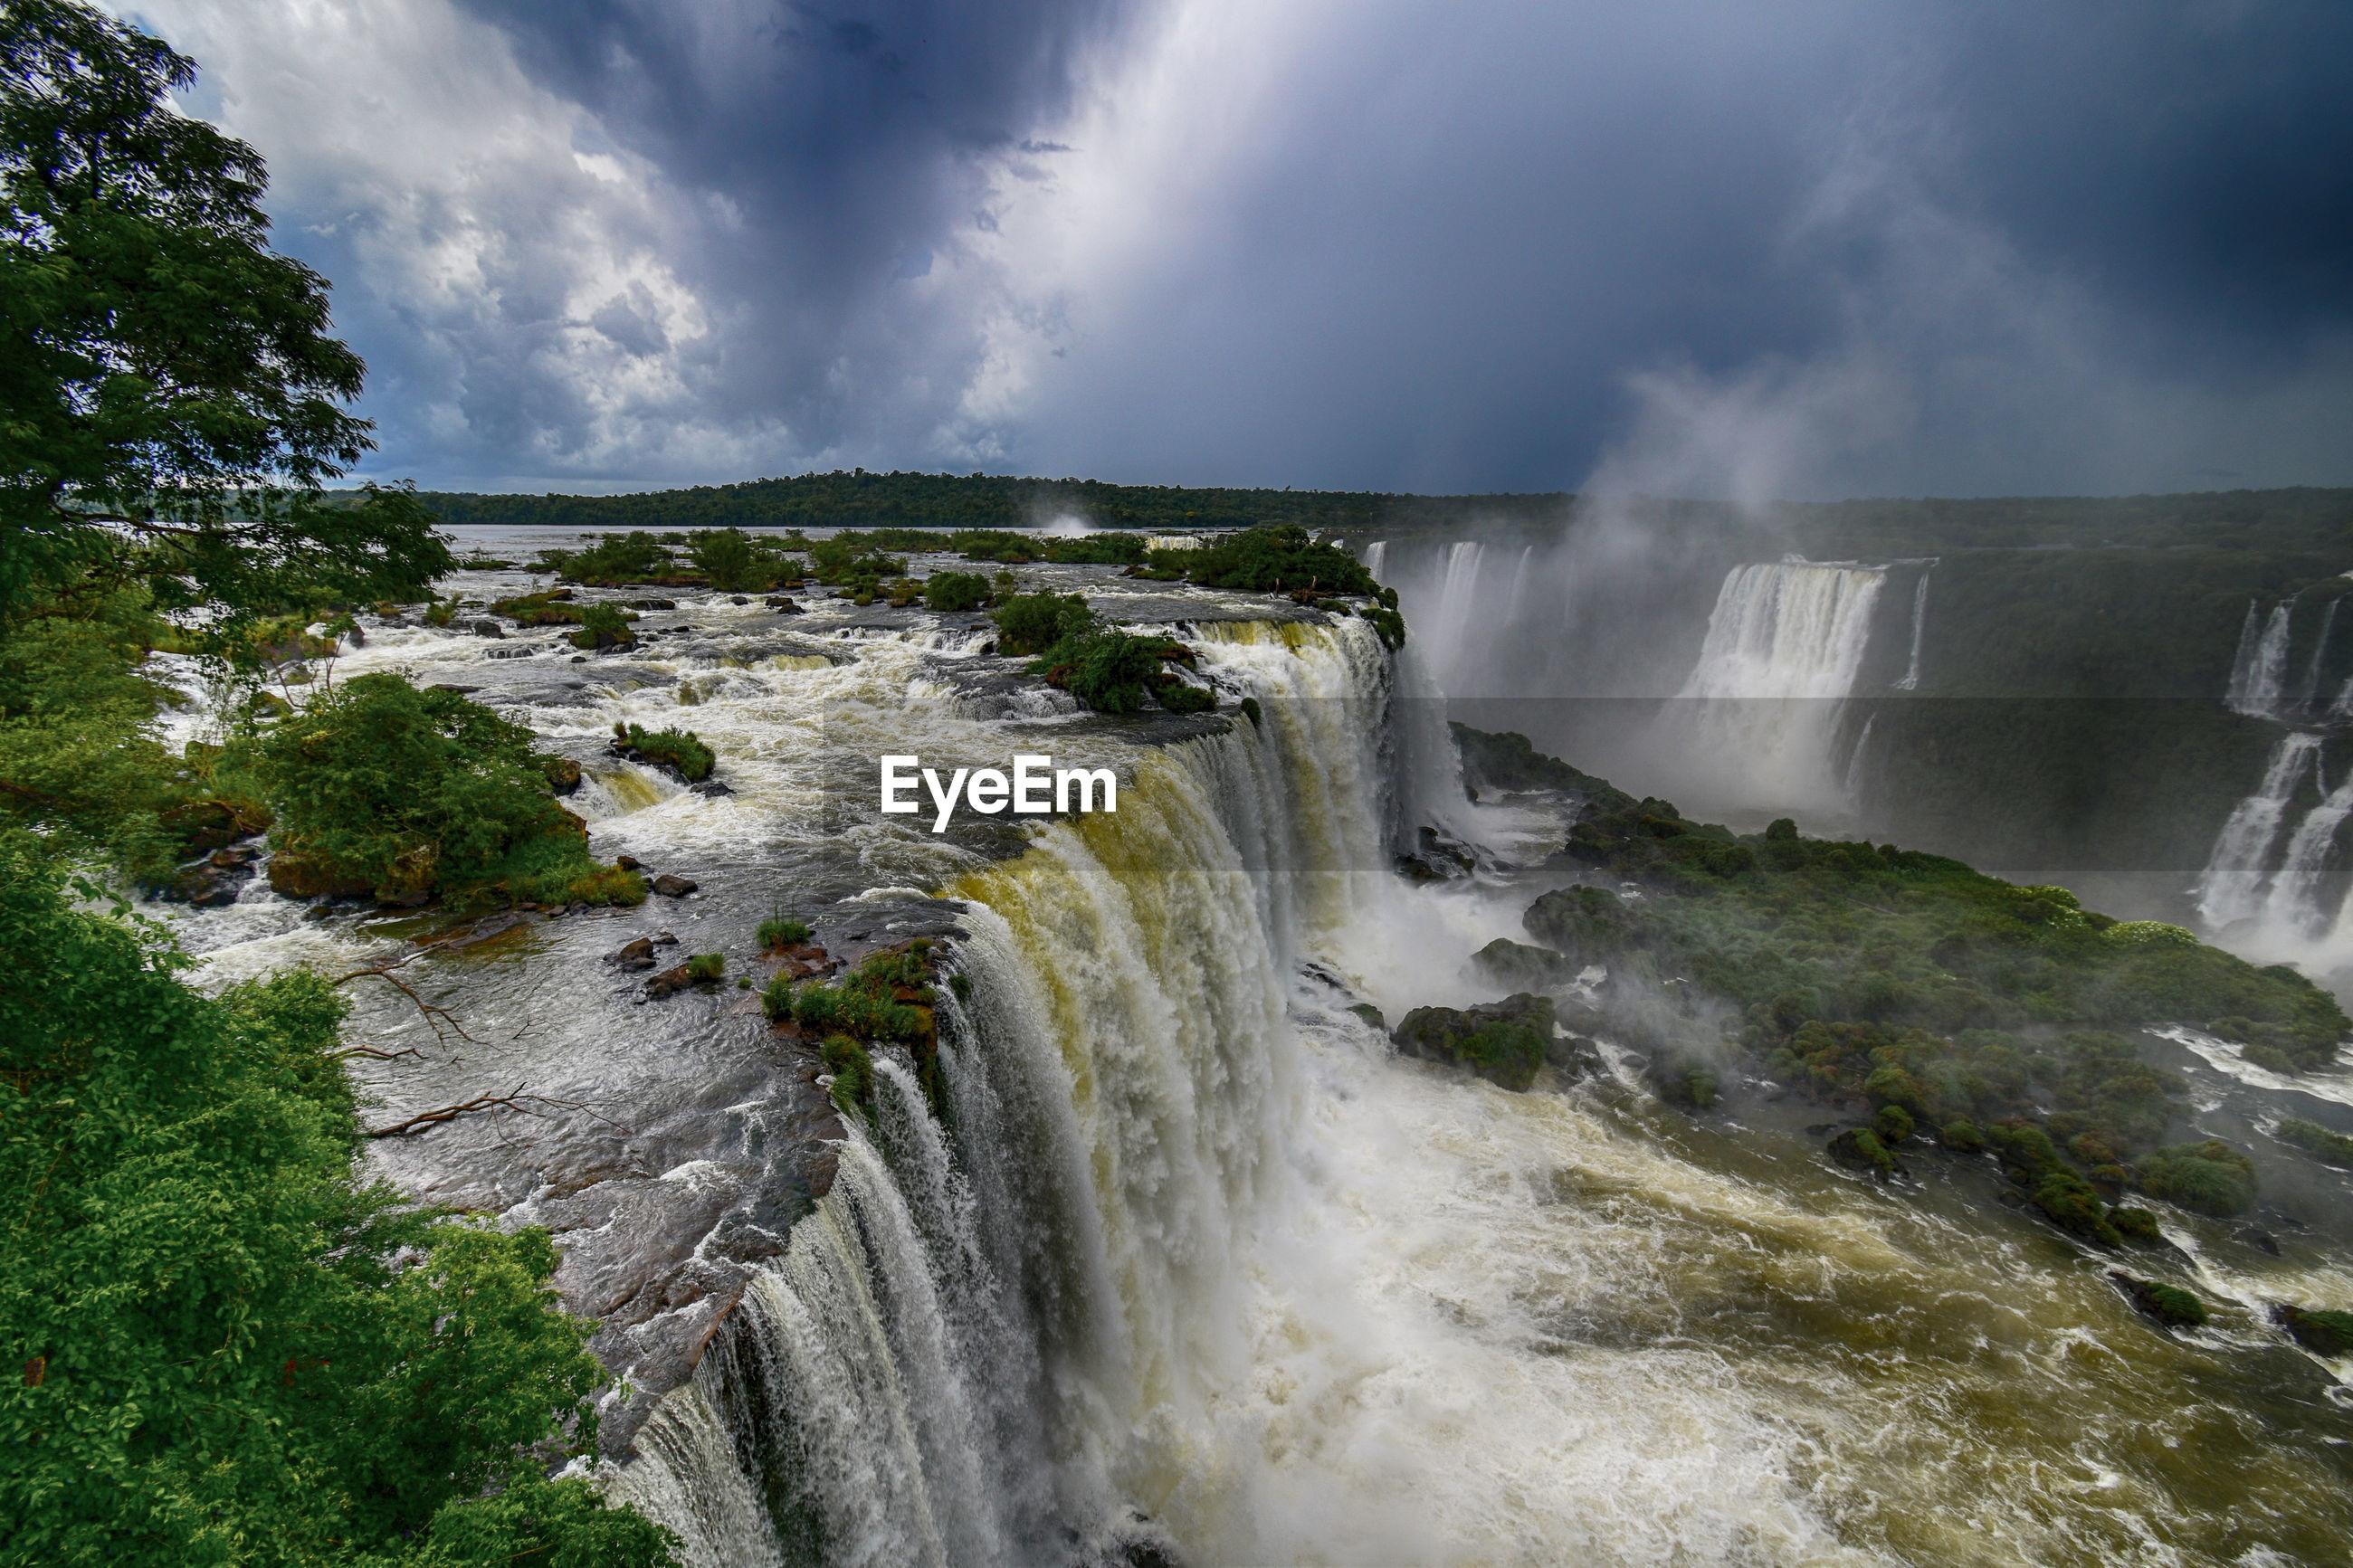 World's largest waterfall - cataratas do iguaçu